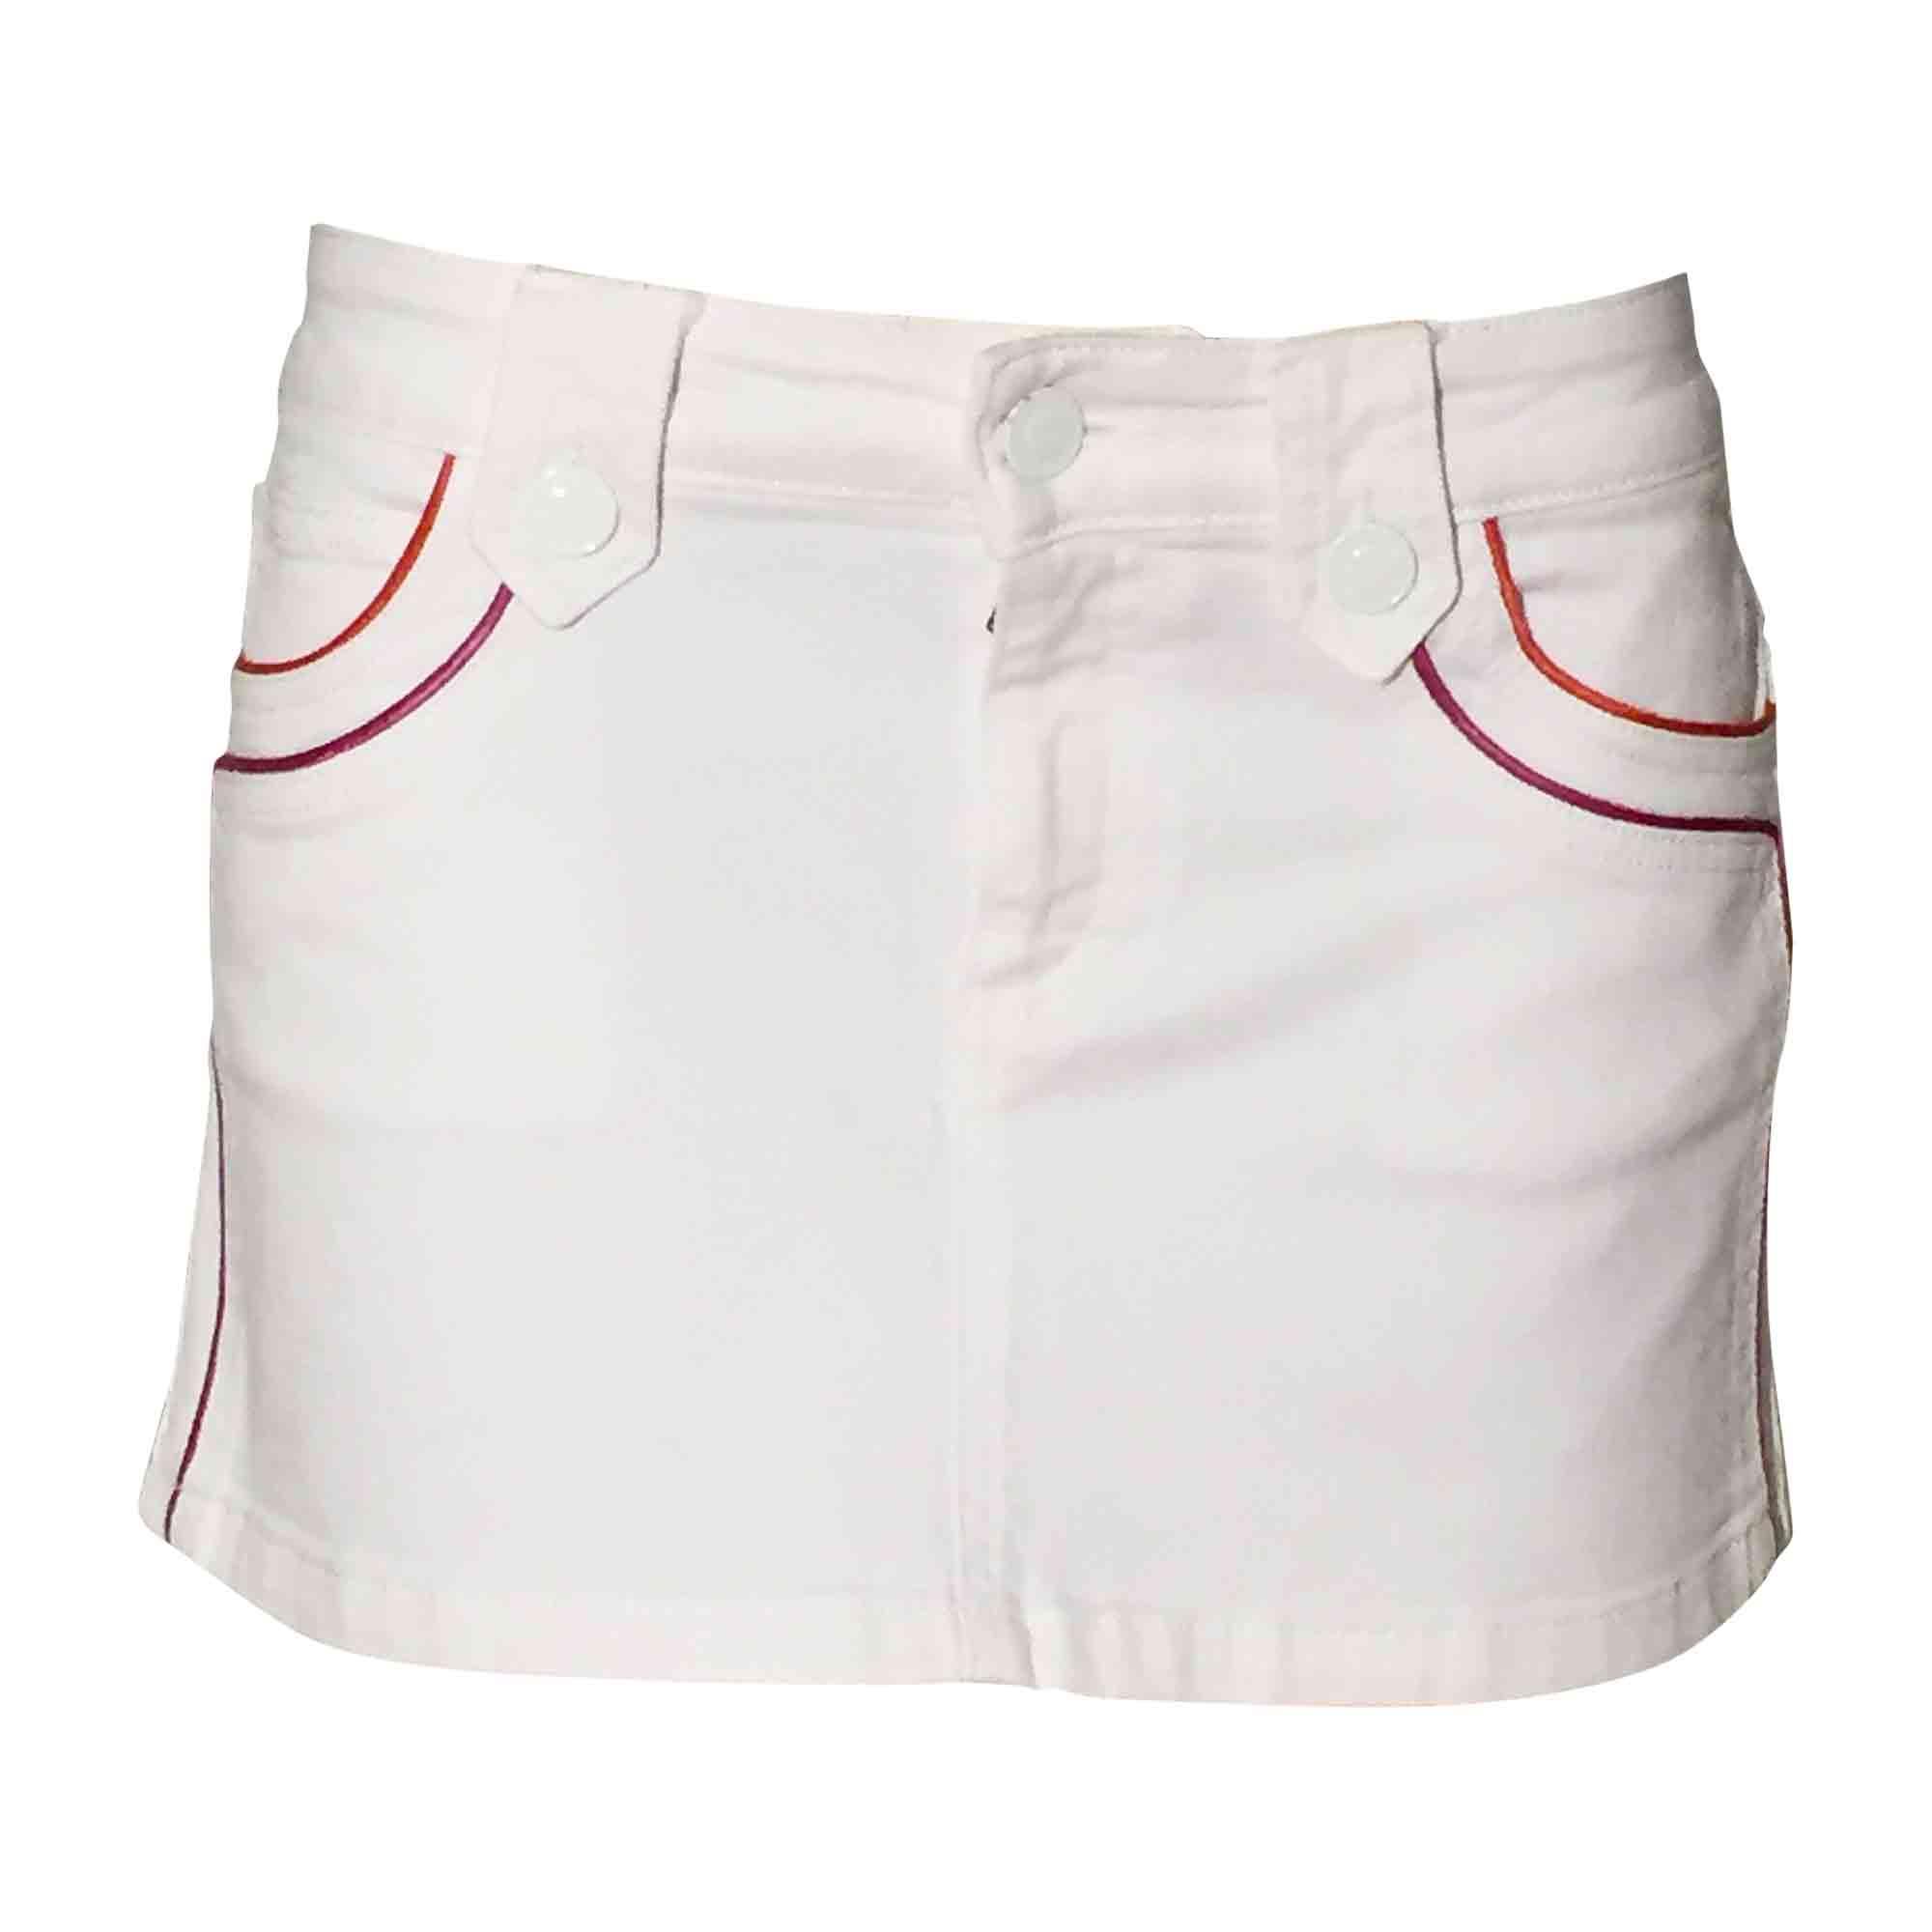 Minirock GUCCI Weiß, elfenbeinfarben